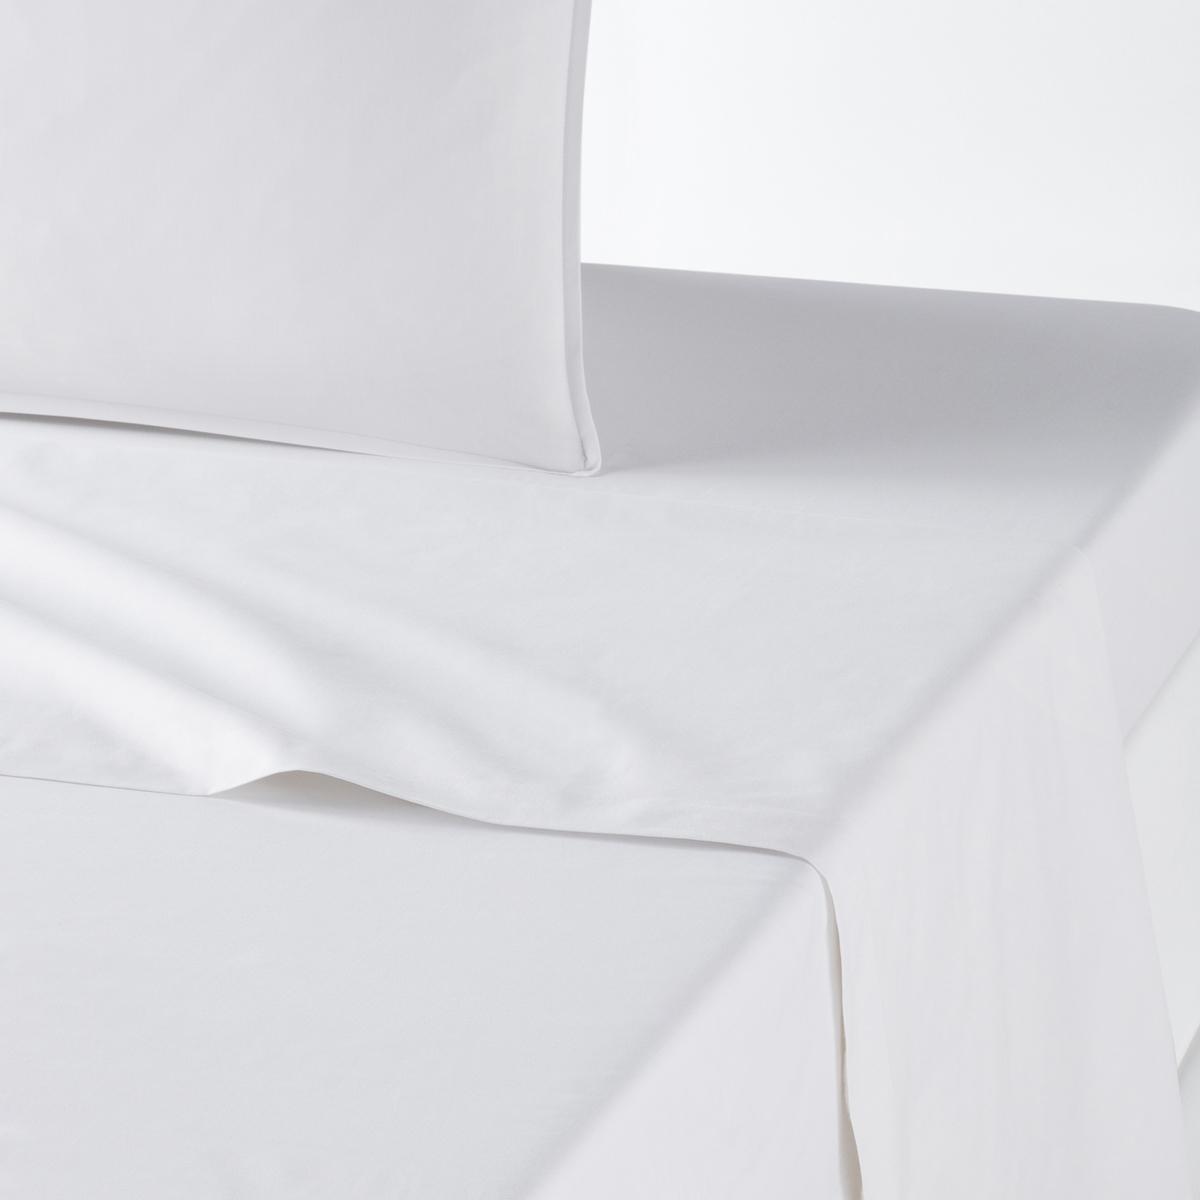 Простыня из хлопковой перкалиОписание:Простыня из хлопковой перкали, биохлопок Качество Qualit? Best. Биохлопок сохраняет окружающую среду и здоровье людей, возделывающих его.   Характеристики простыни:Перкаль 100 % хлопок с плотным переплетением (80 нитей/см?): чем больше нитей/см?, тем выше качество материала.Стирка при 60°.Легкая глажка.Найдите все постельное белье из хлопковой перкали на сайте laredoute.ruРазмеры:180  x 290 см: 1-сп.240 х 290 см: 2-сп.270 x 290 см: 2-спЗнак Oeko-Tex® гарантирует, что товары прошли проверку и были изготовлены без применения вредных для здоровья человека веществ.<br><br>Цвет: белый,бледно-зеленый,горчичный,светло-серый,сероватый<br>Размер: 180 x 290  см.240 x 290  см.240 x 290  см